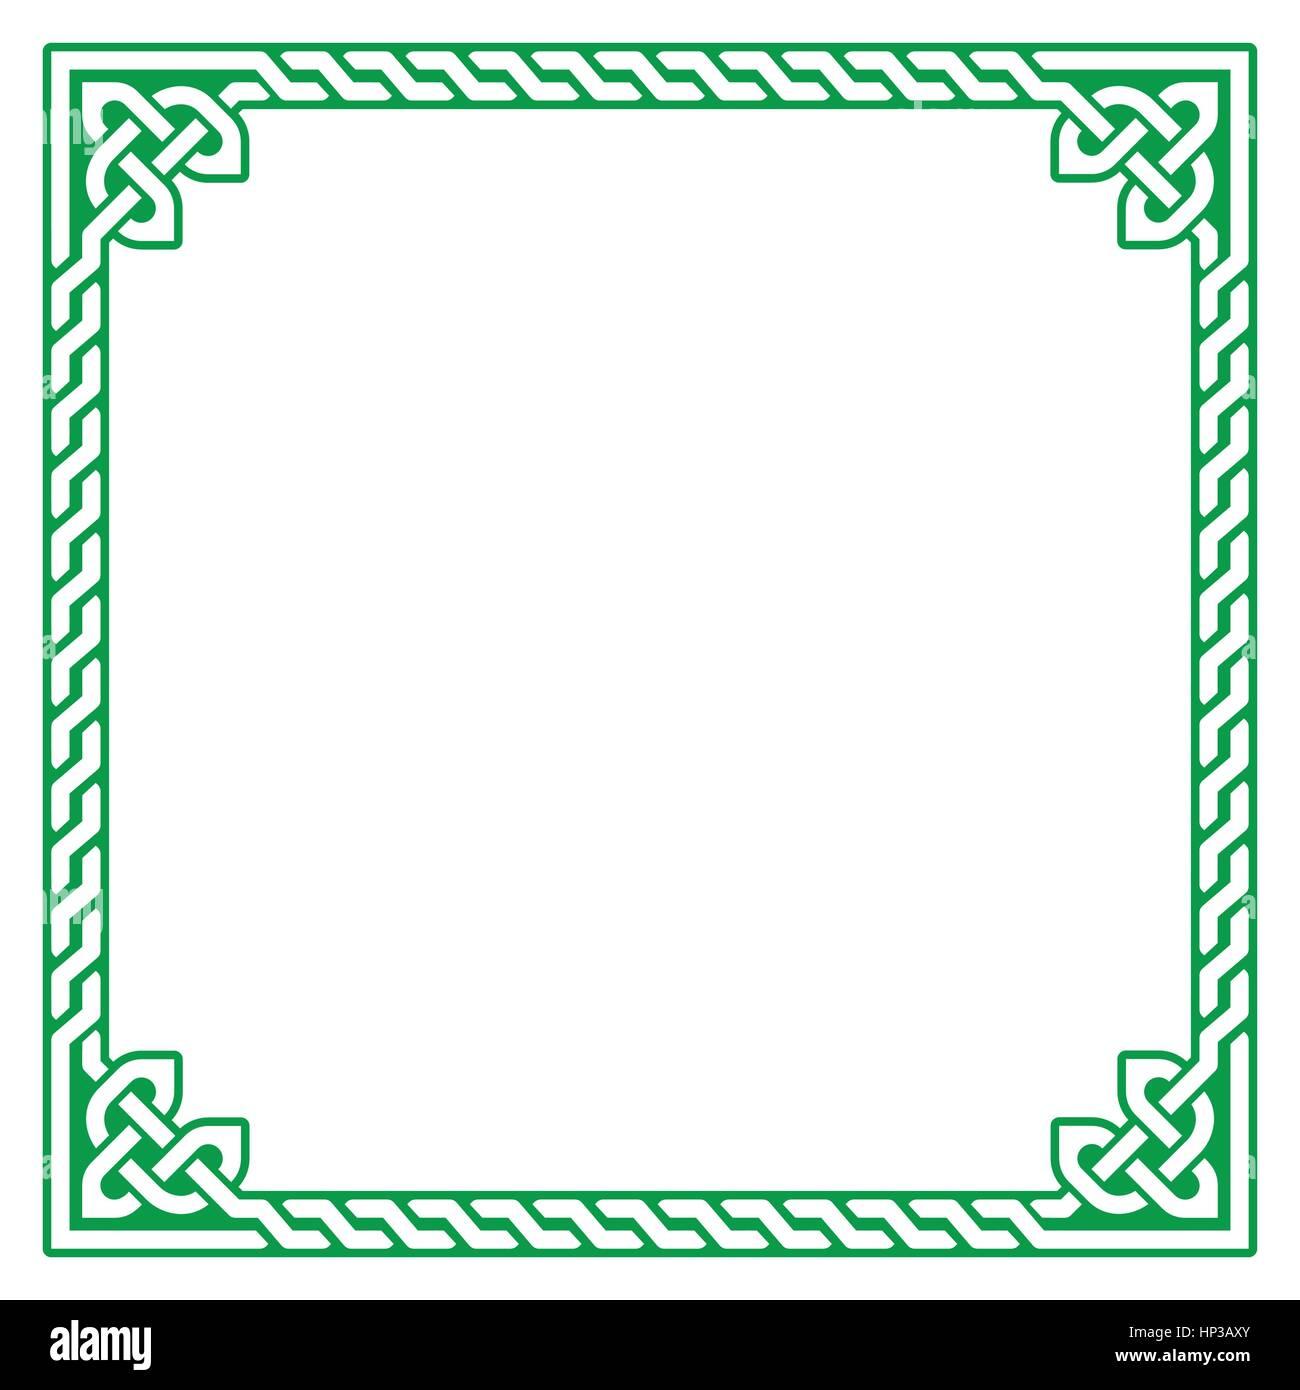 Keltischen grüner Rahmen, Grenze Muster - Vektor. Irisch, keltisch ...